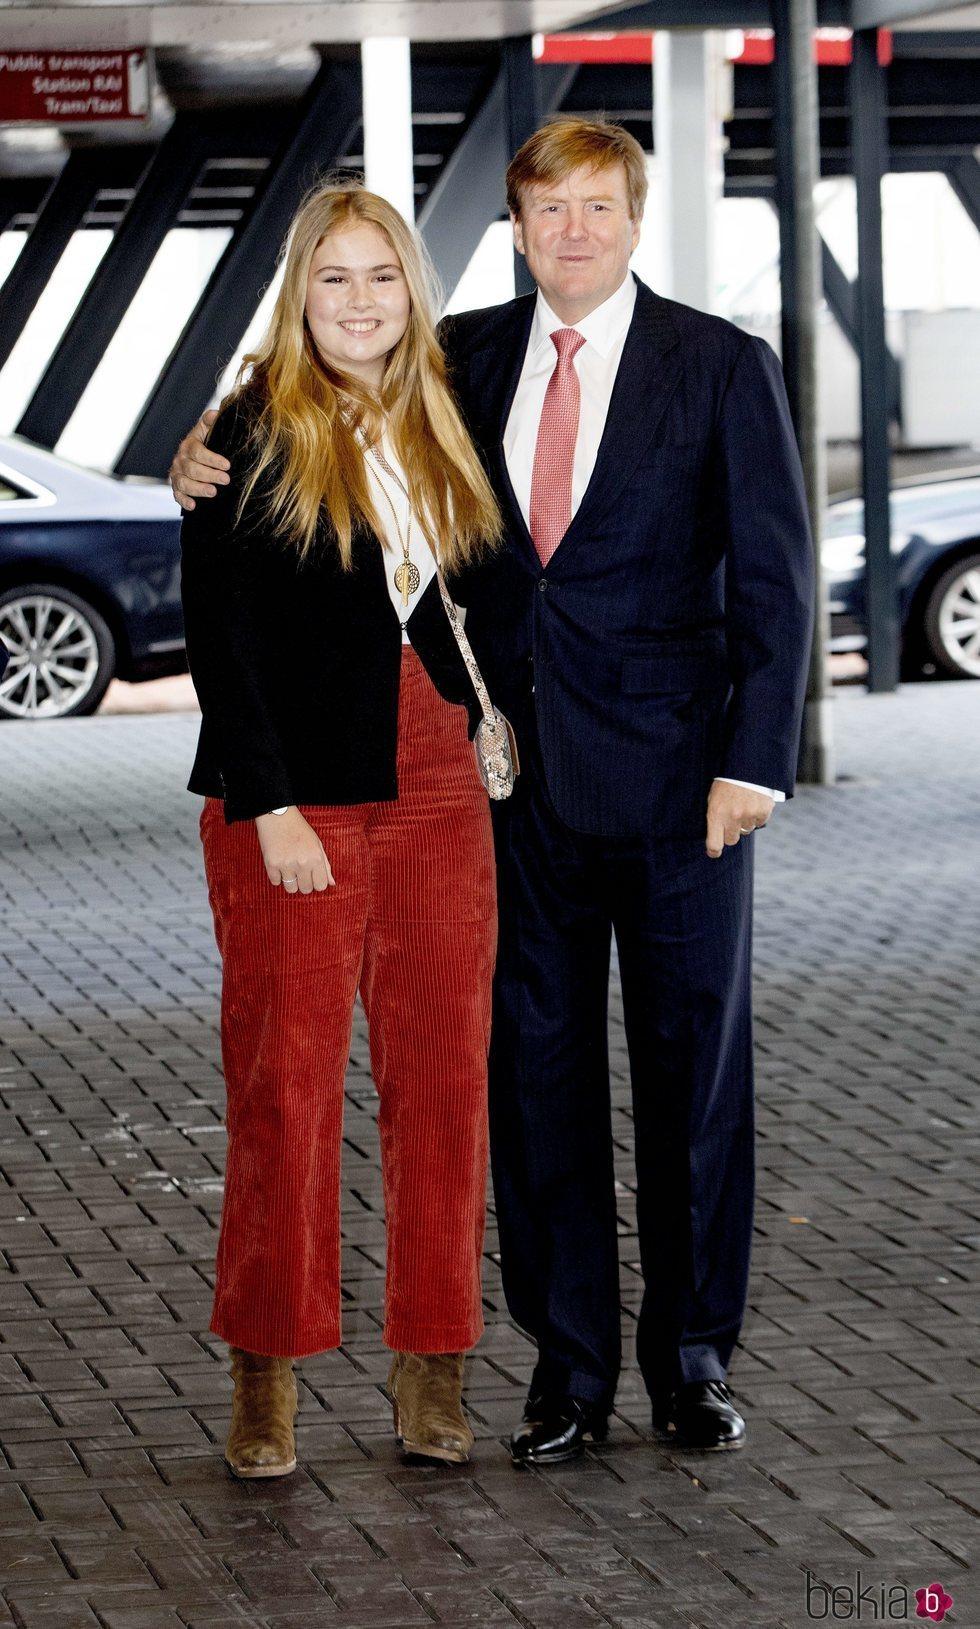 Guillermo Alejandro y Amalia de Holanda en el Concurso de Saltos de Amsterdam